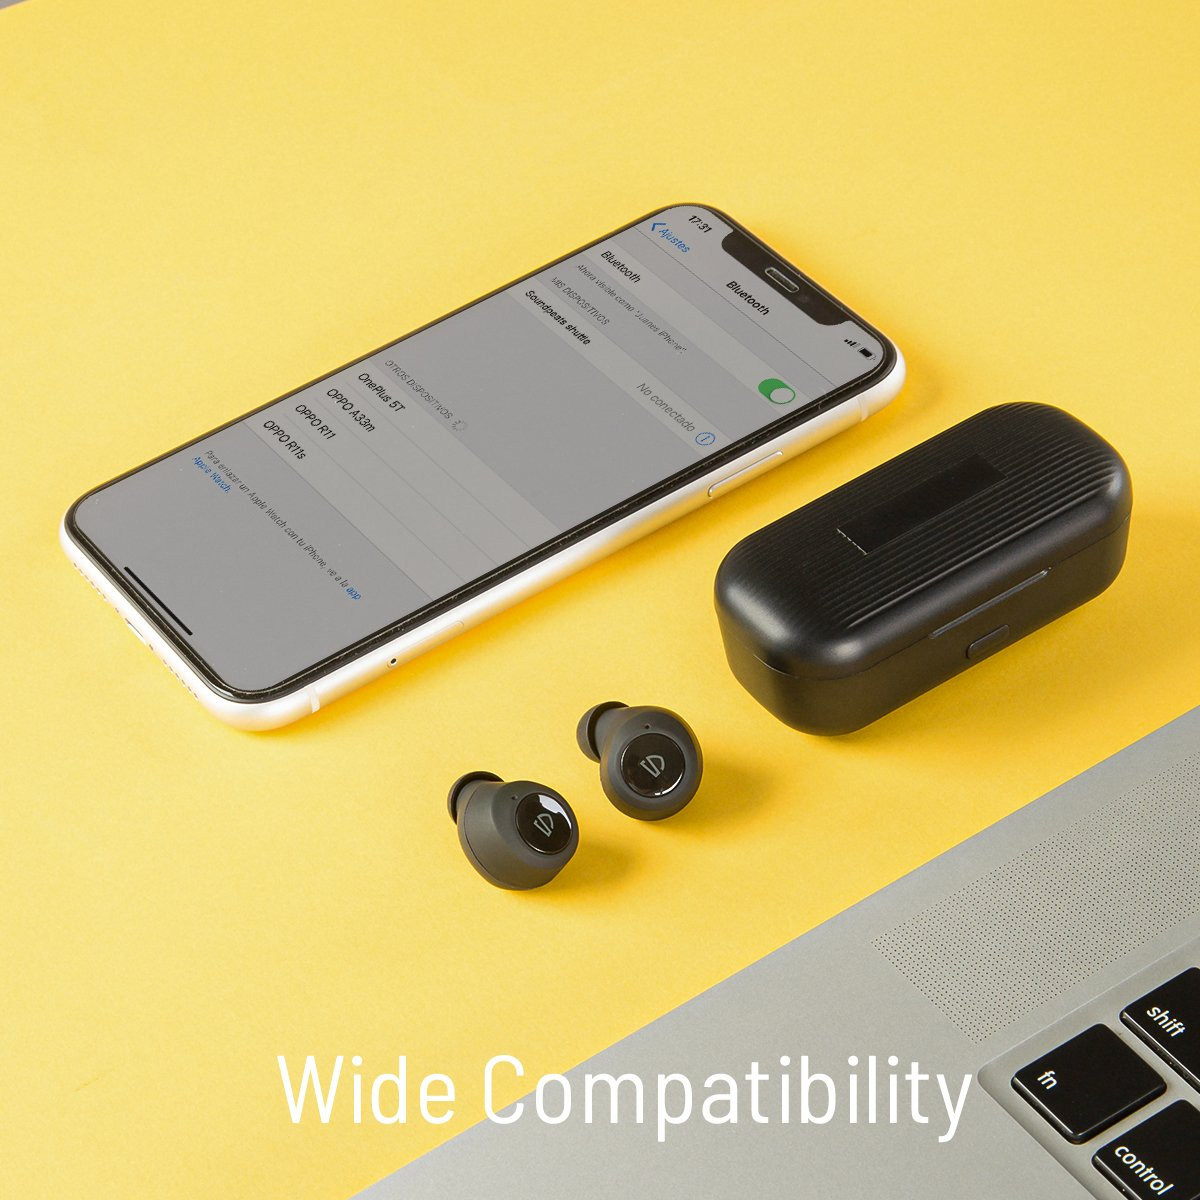 Tai Nghe TWS Earbuds SoundPeats Freedots Bluetooth 5.0, chống nước IPX7, thời gian sử dụng 16h - Hàng chính hãng